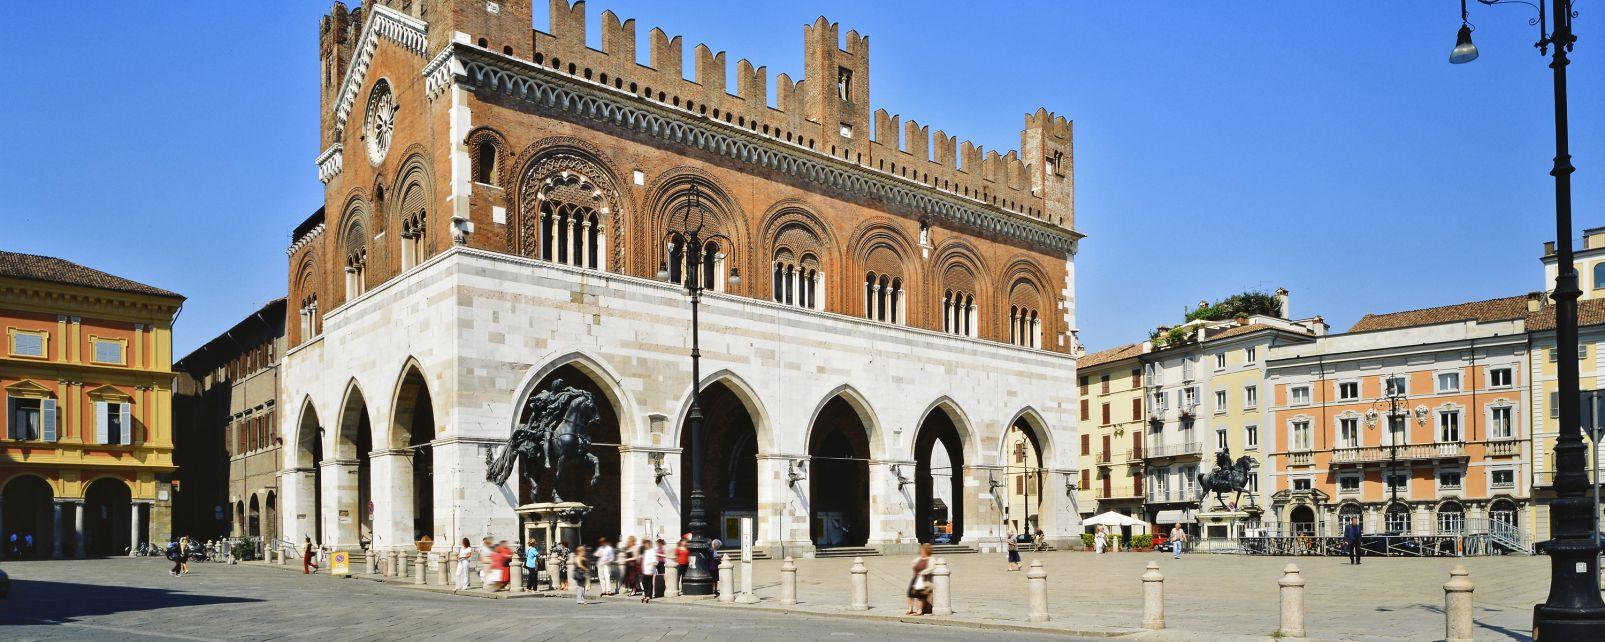 Piacenza, Emilia-Romagna, Italien